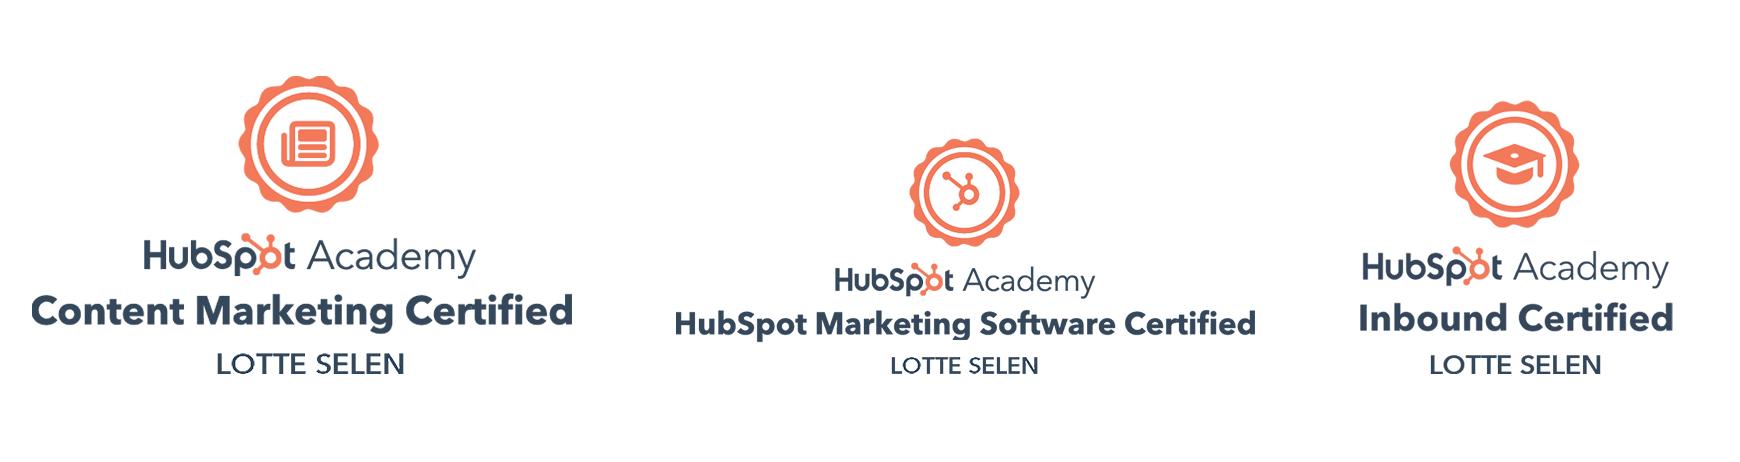 bureauvet-werknemer-lotteselen-hubspot-certificaten